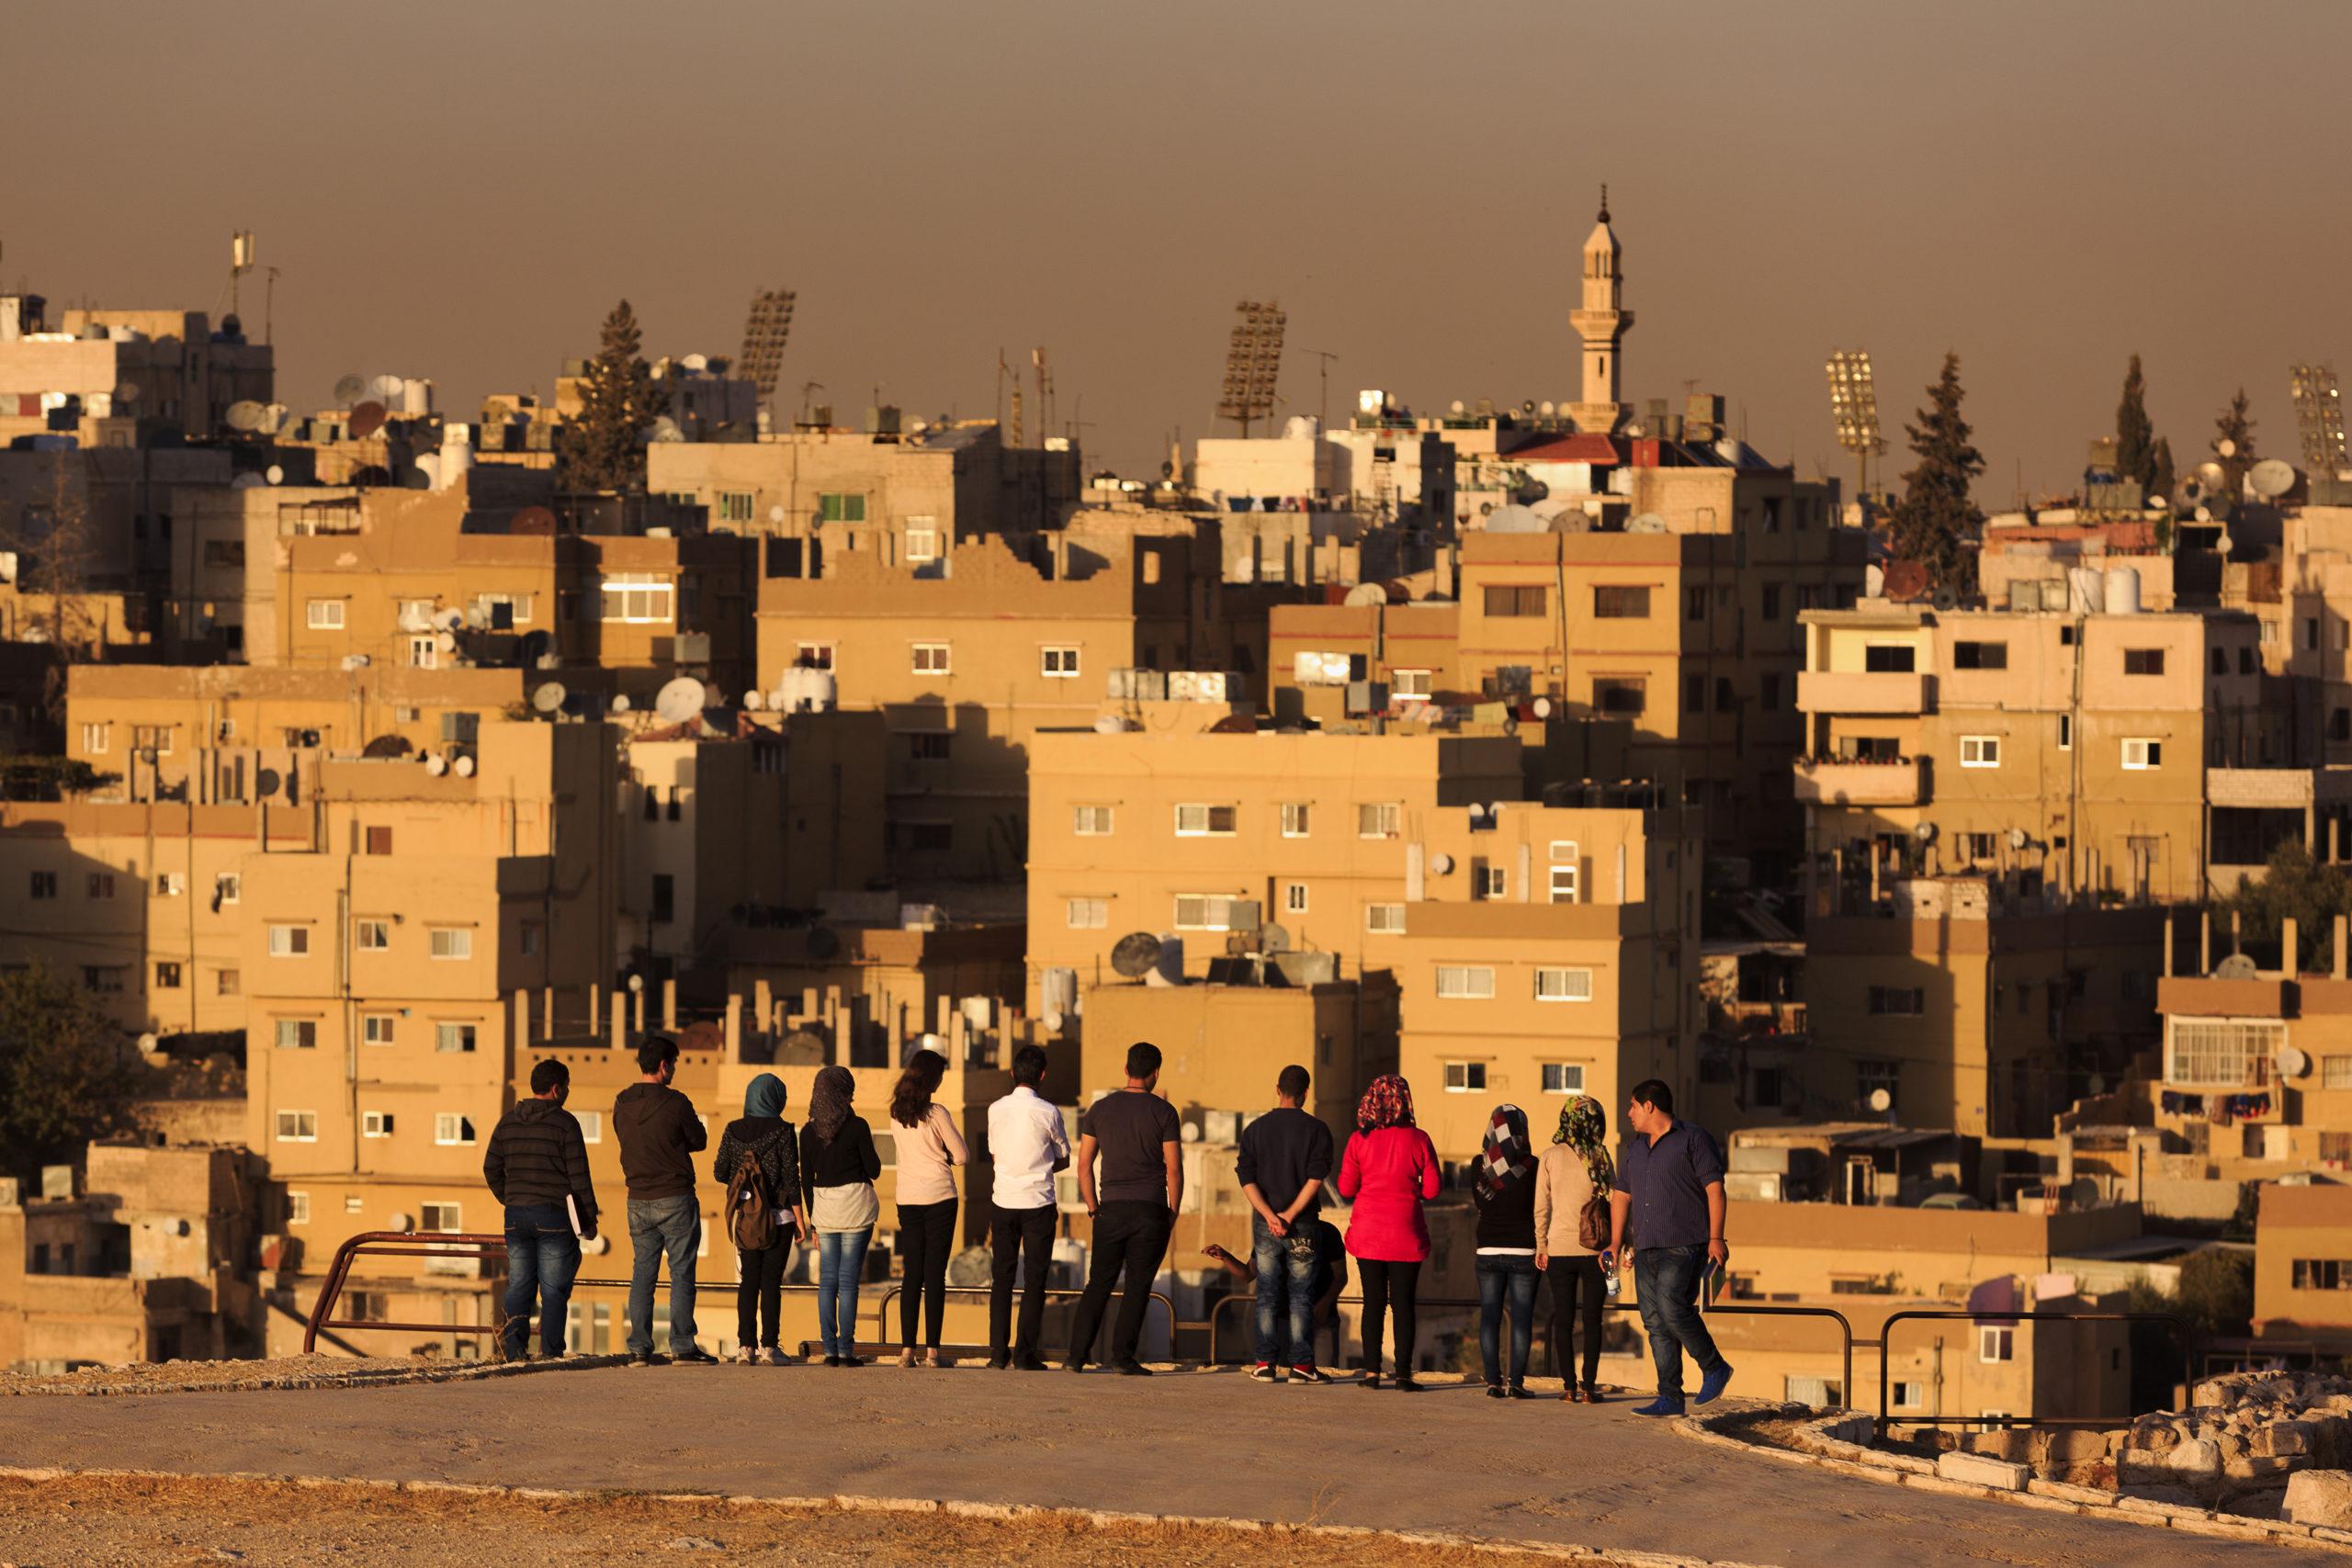 Amman. Turistien määrä on huvennut Jordaniassa arabikevään jälkeen. Samaan aikaan kasvava työttömyys on synkistänyt ilmapiiriä nuorison keskuudessa. /Kuva: All over press/Paolo Giocoso